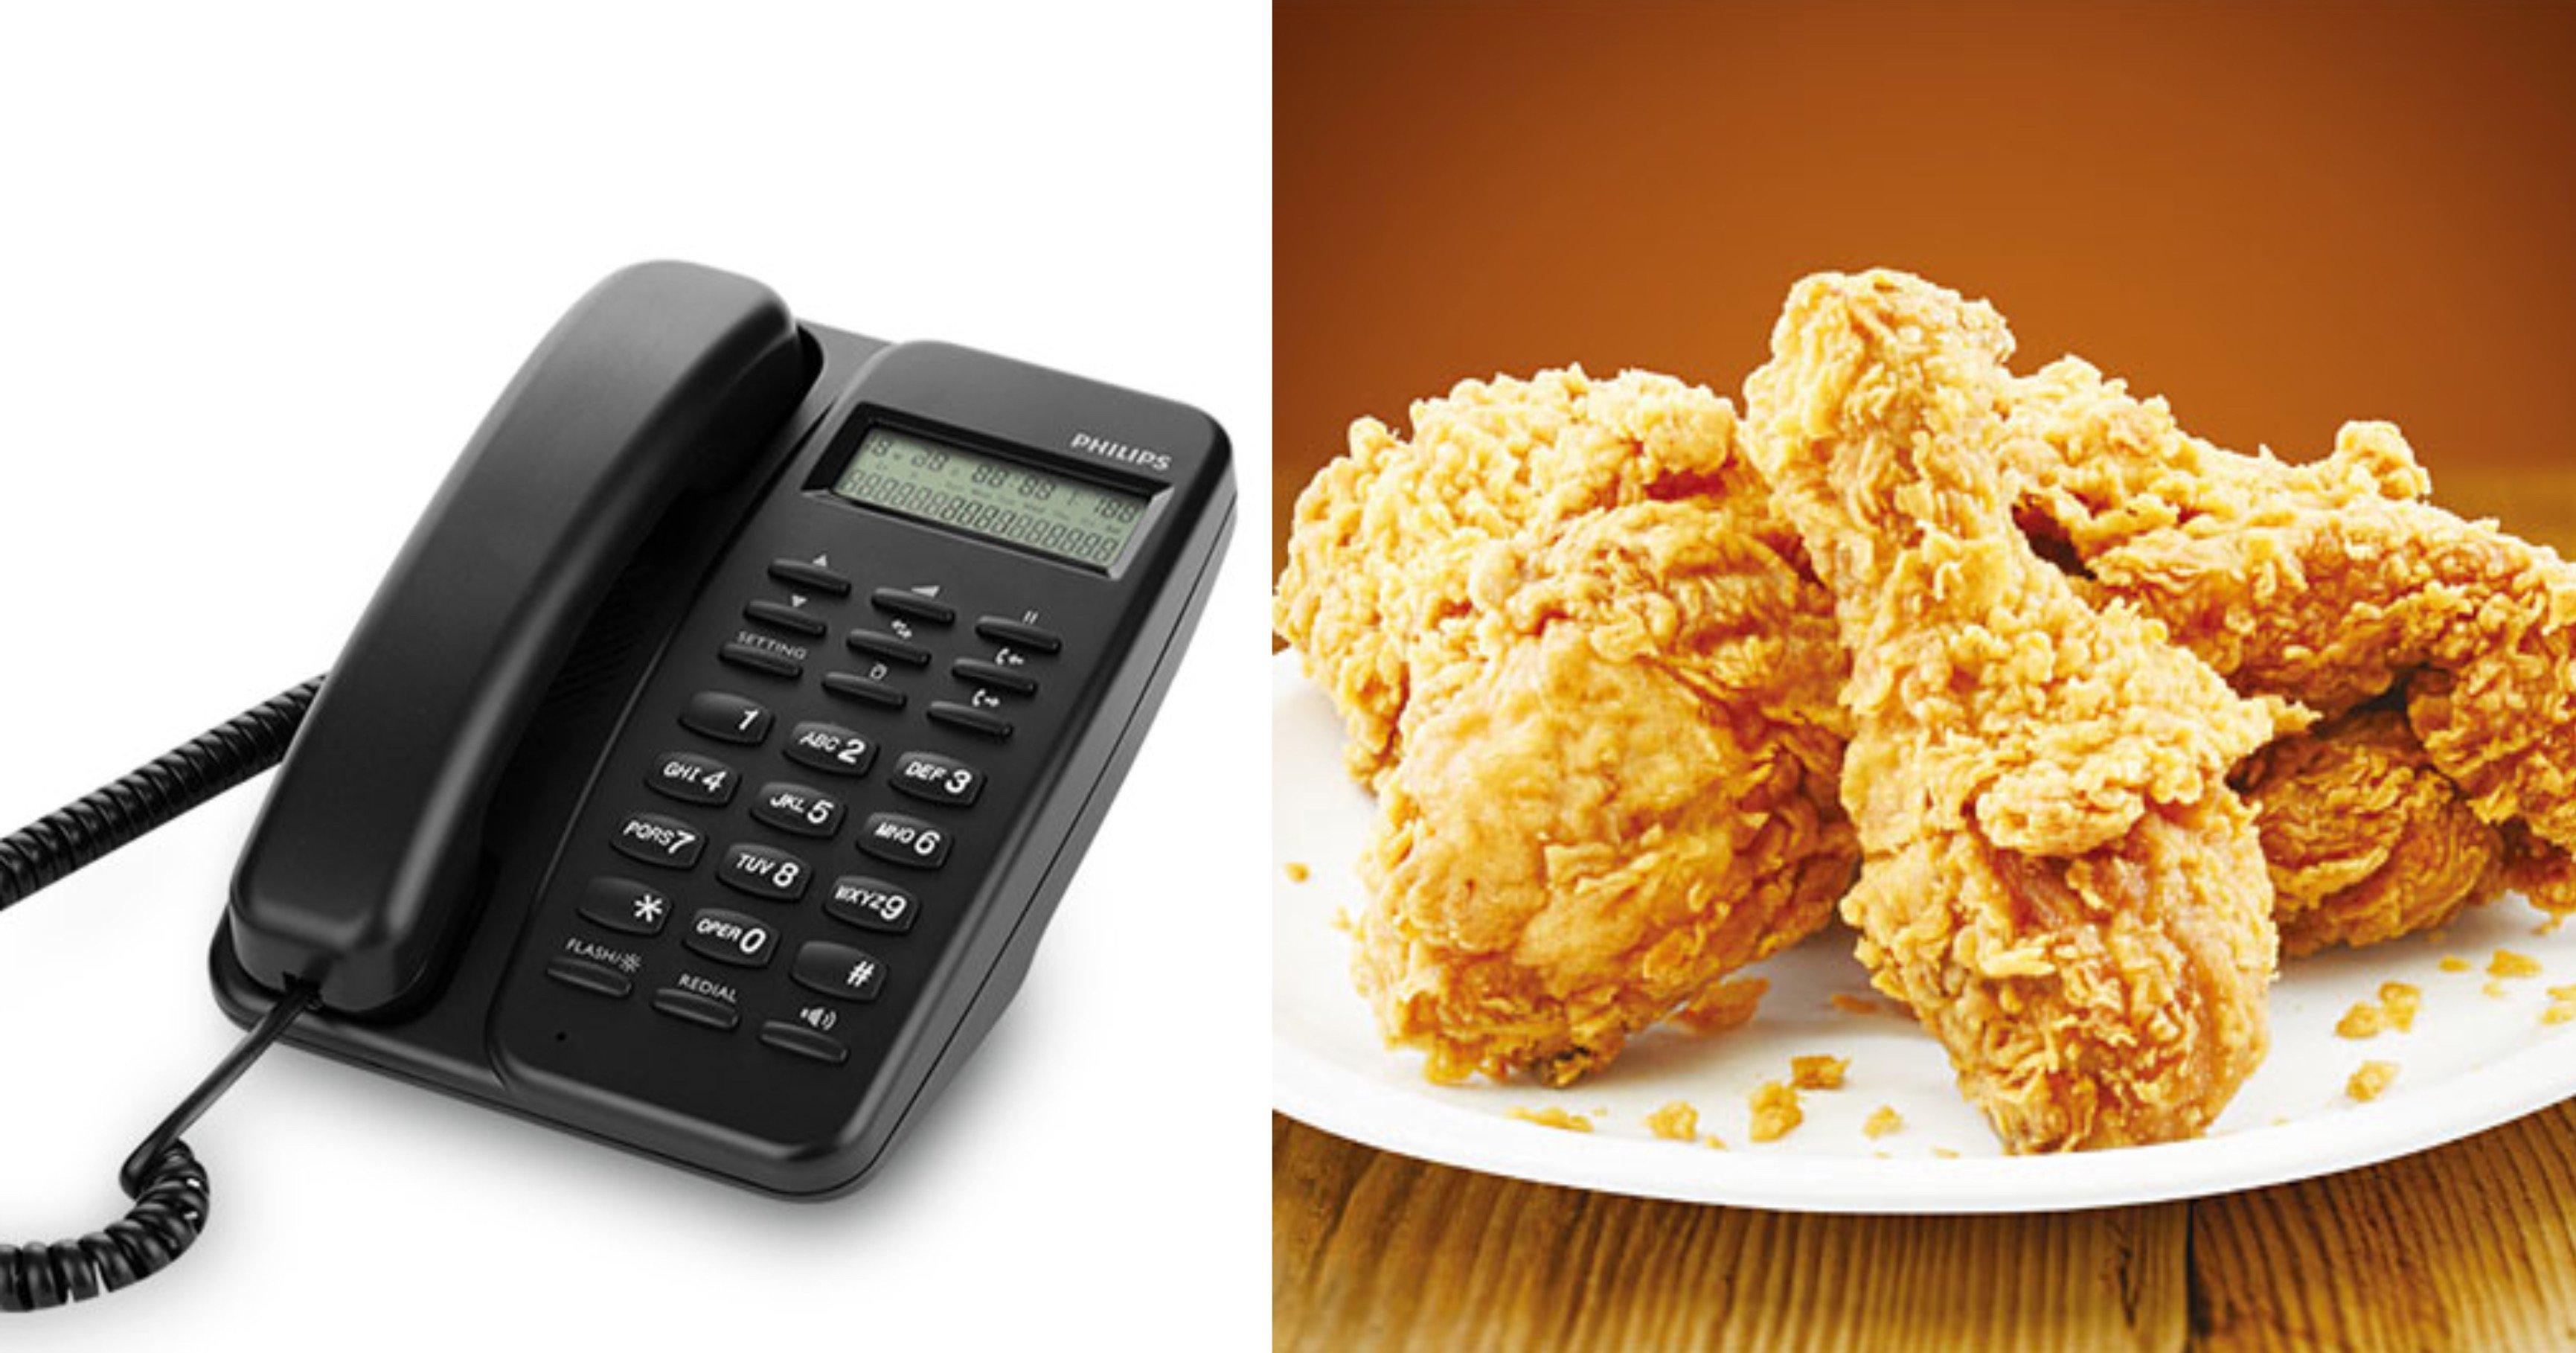 """ecb998ed82a8eca791.jpg?resize=1200,630 - """"10마리 주문할 테니 쿠폰 대신 치킨 한마리 더 주세요...""""...손님의 말에 치킨집 사장님이 보인 반응"""